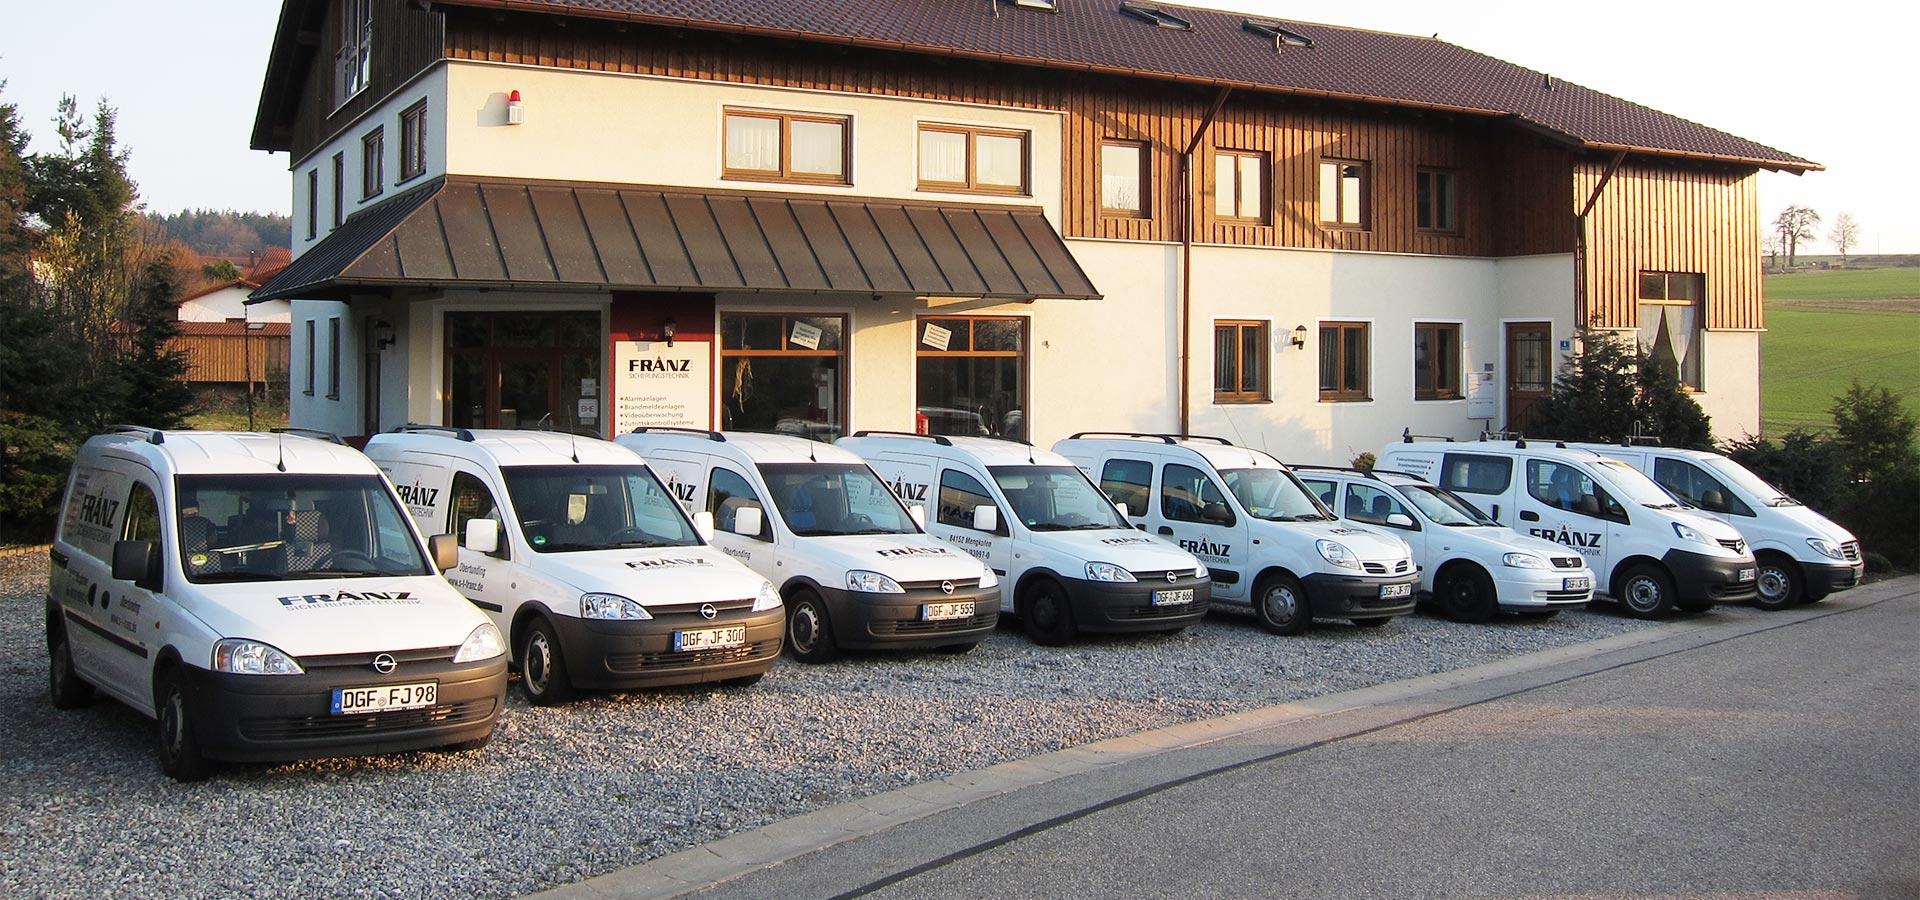 Fuhrpark Franz Sicherungstechnik GmbH